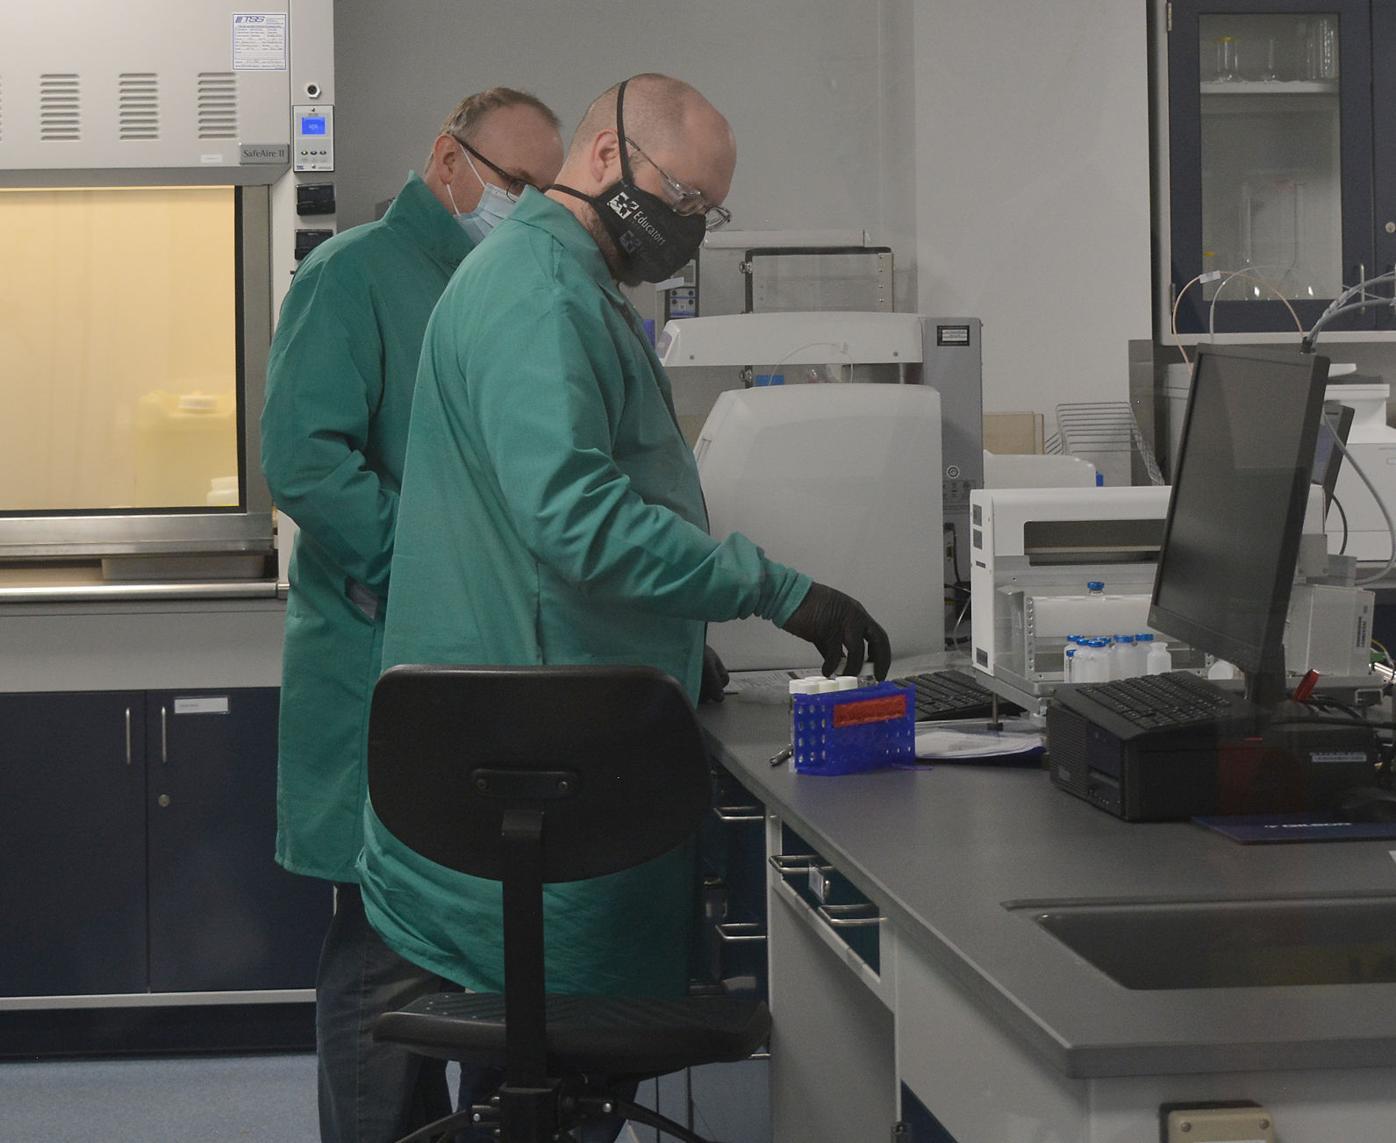 NorthStar lab workers